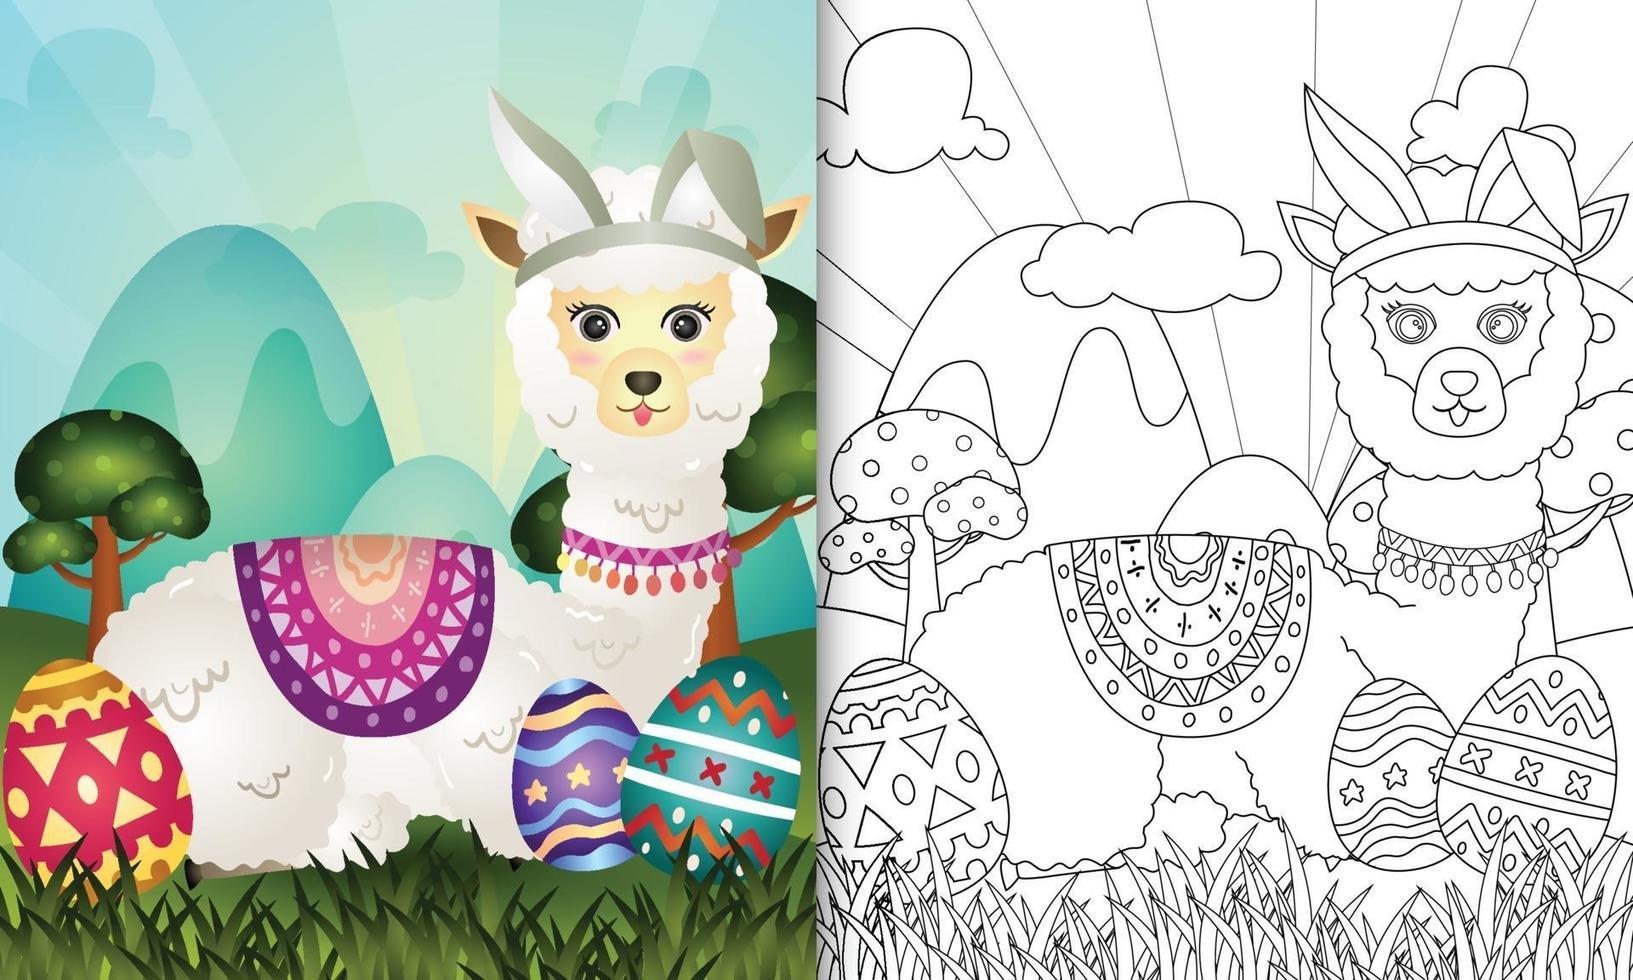 livro de colorir para crianças com tema de páscoa com uma alpaca fofa com orelhas de coelho vetor